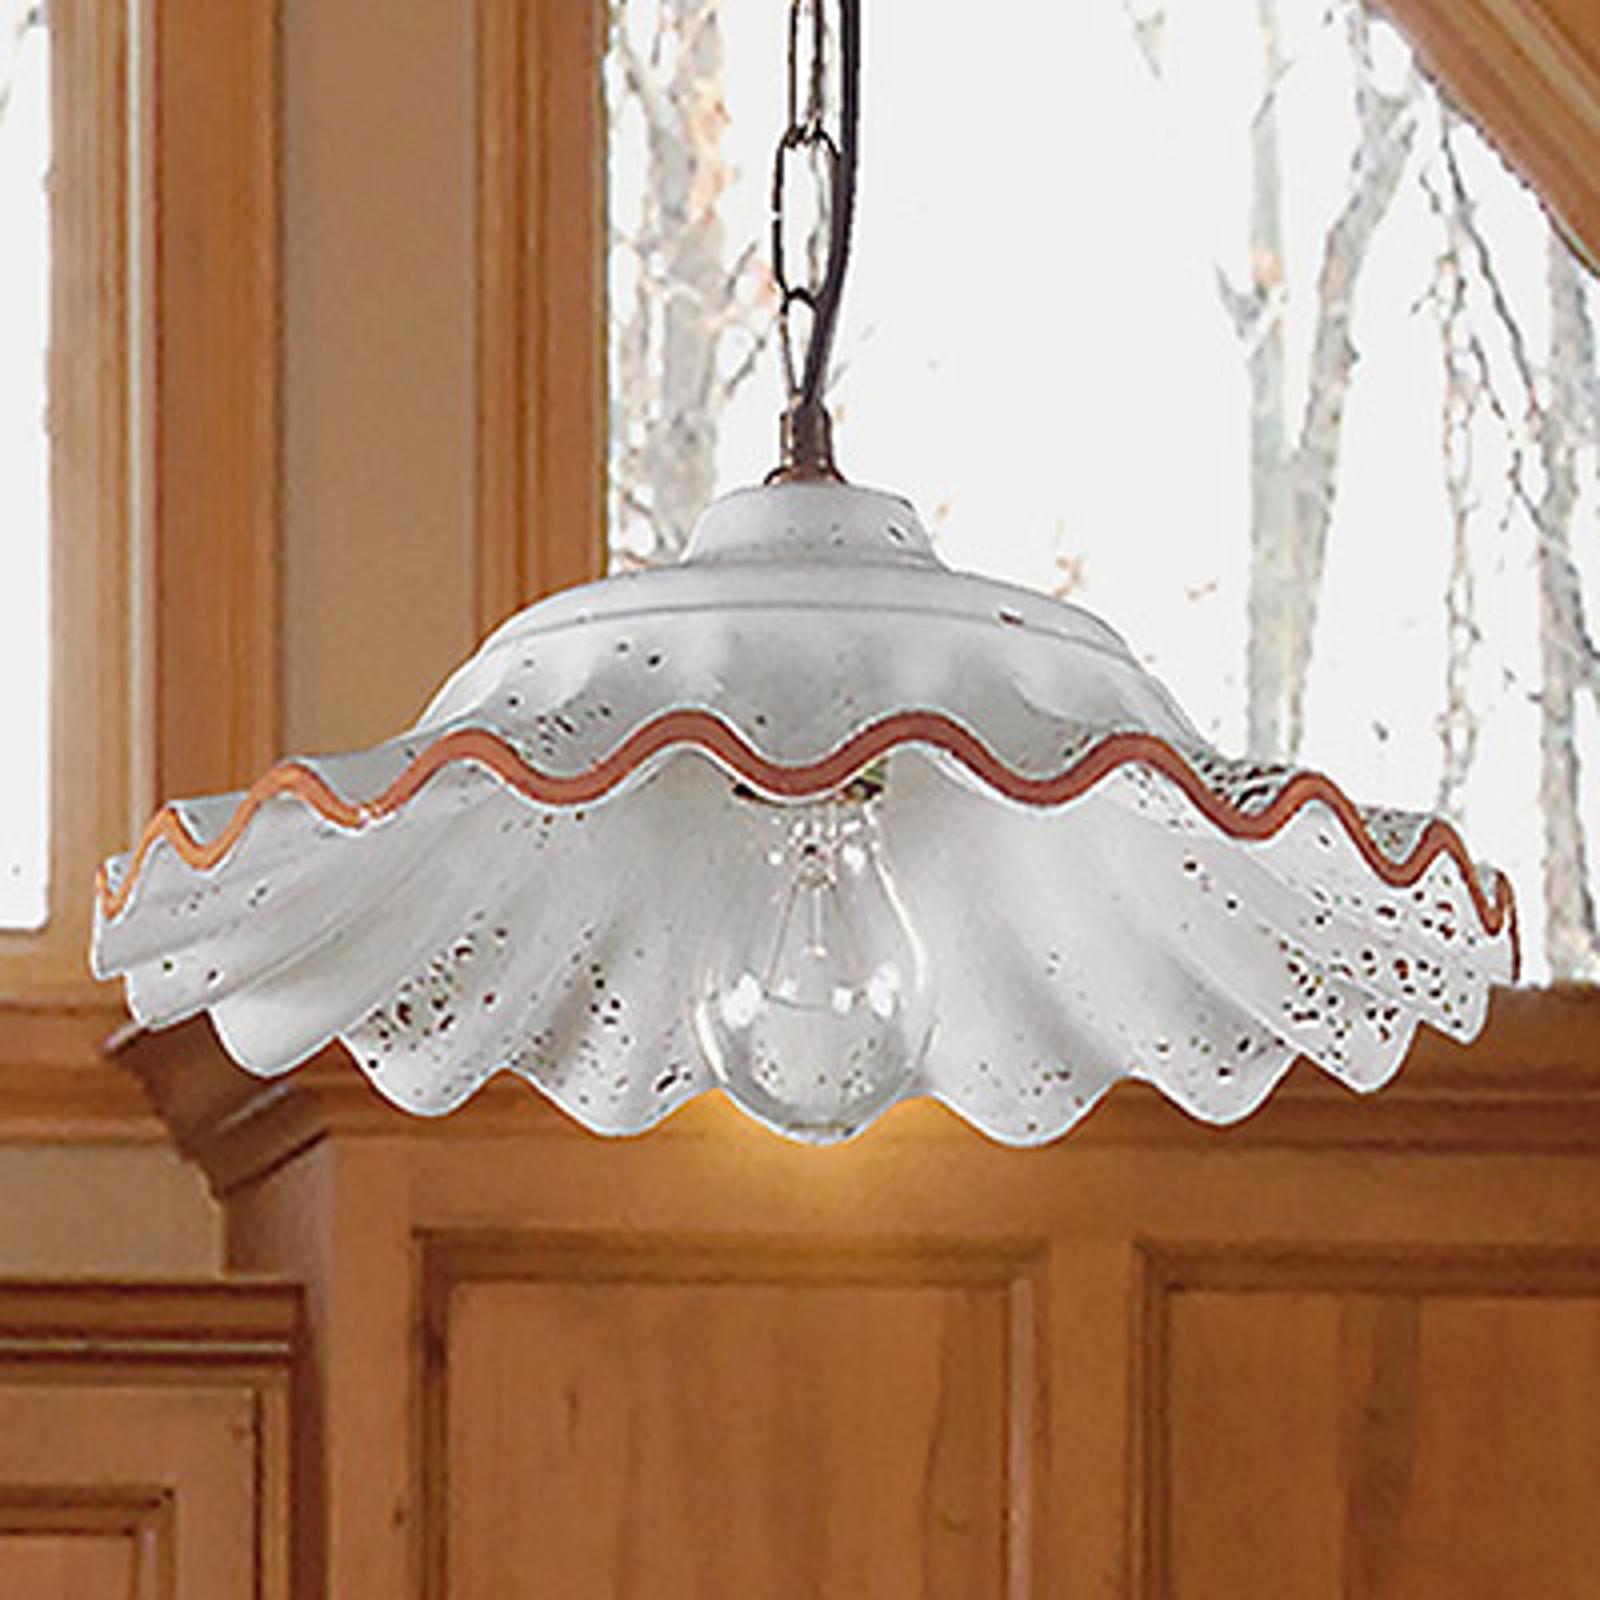 Lampa wisząca TARLO z ceramicznym kloszem